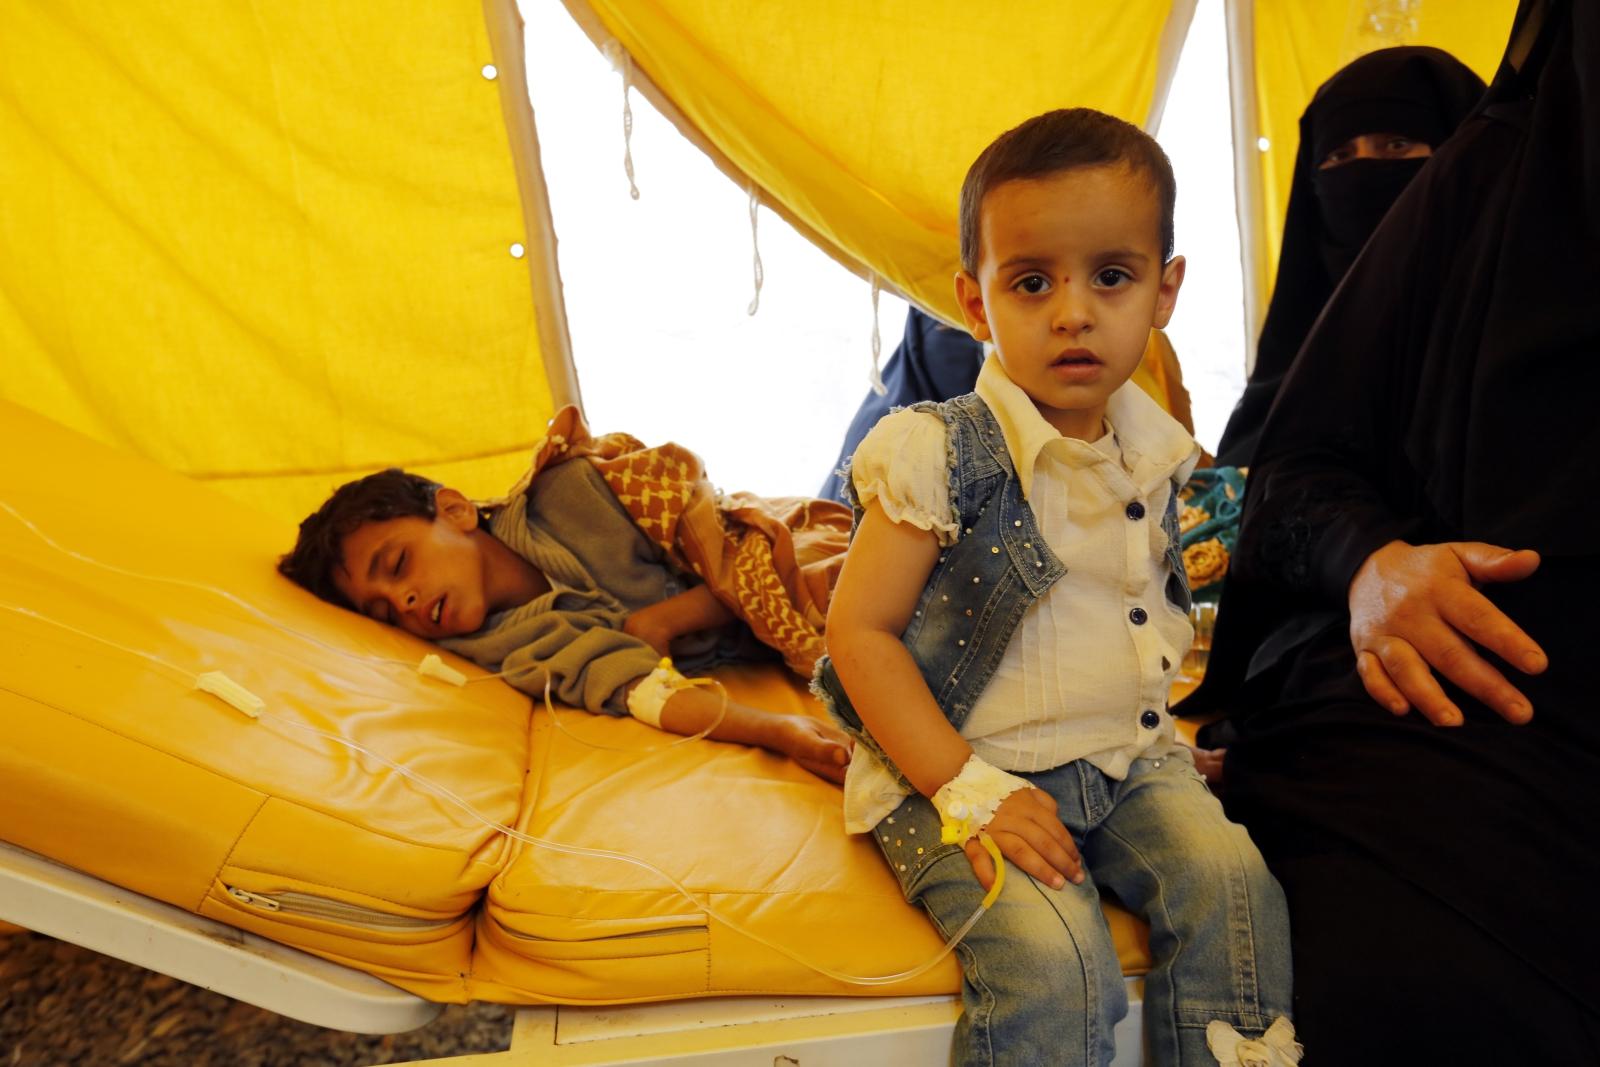 Dzieci podejrzane o cholerę otrzymują leki w szpitalu w Sanie, Jemen.